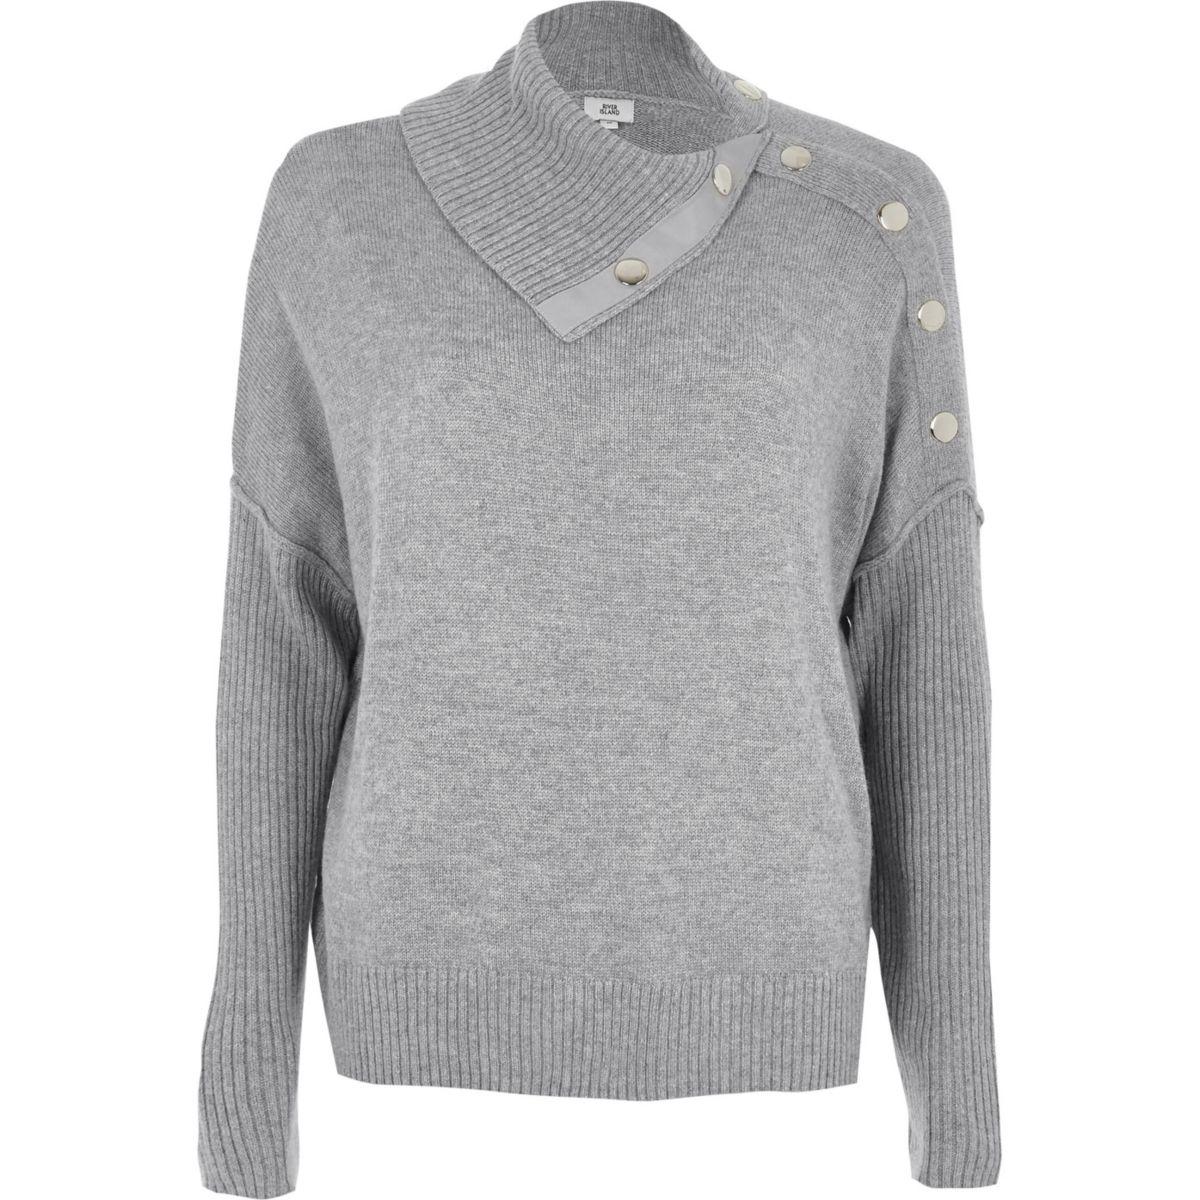 Grey popper detail sweater